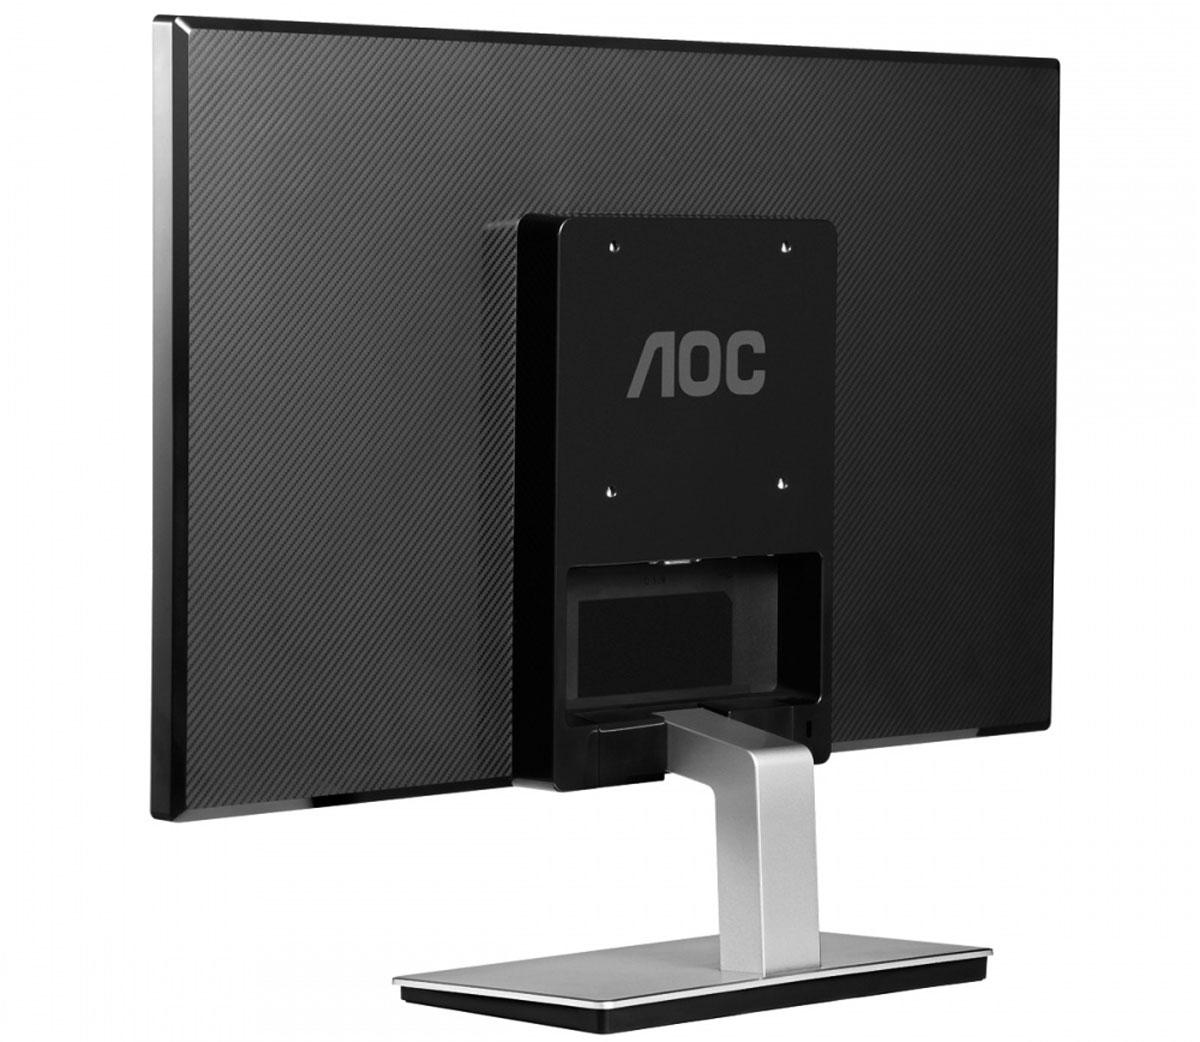 AOC i2276Vwm/01, Black монитор ( i2276Vwm/01 )